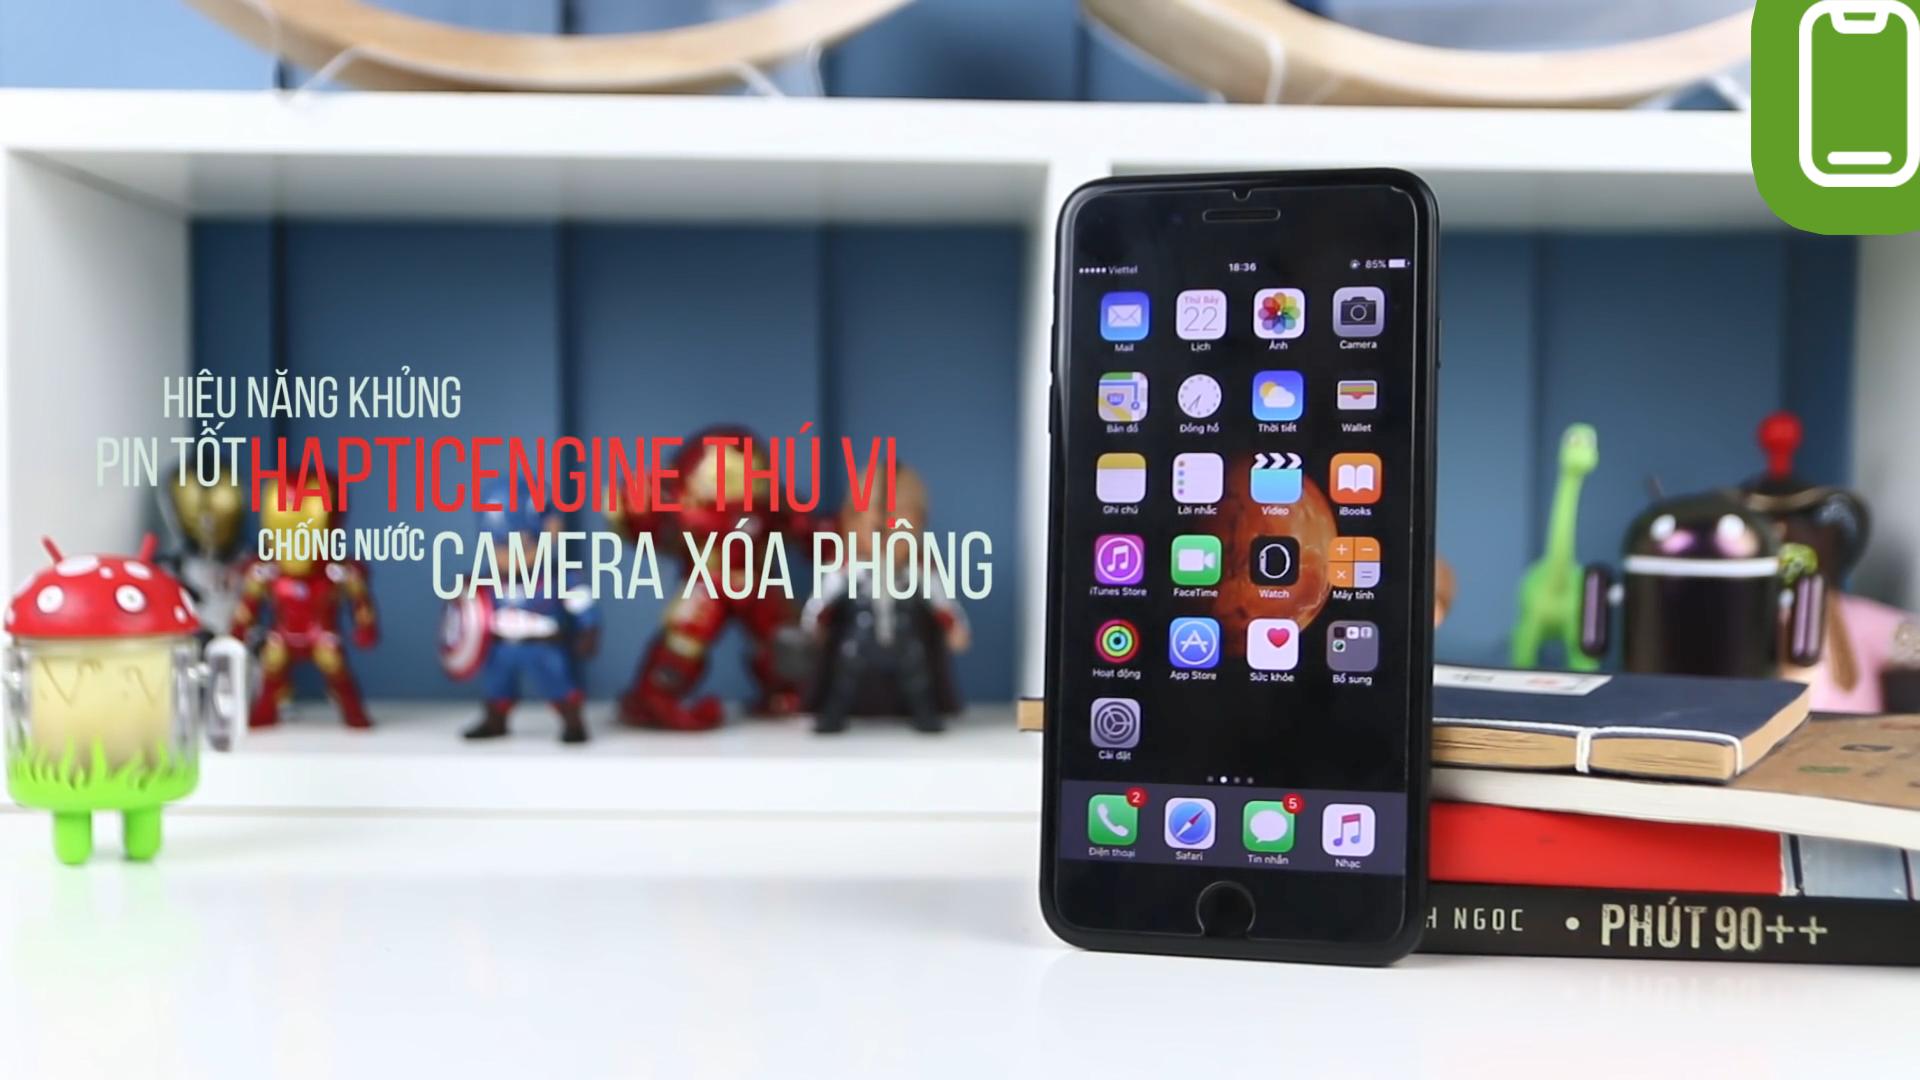 Đánh giá chi tiết iPhone 7 Plus - Ảnh 13